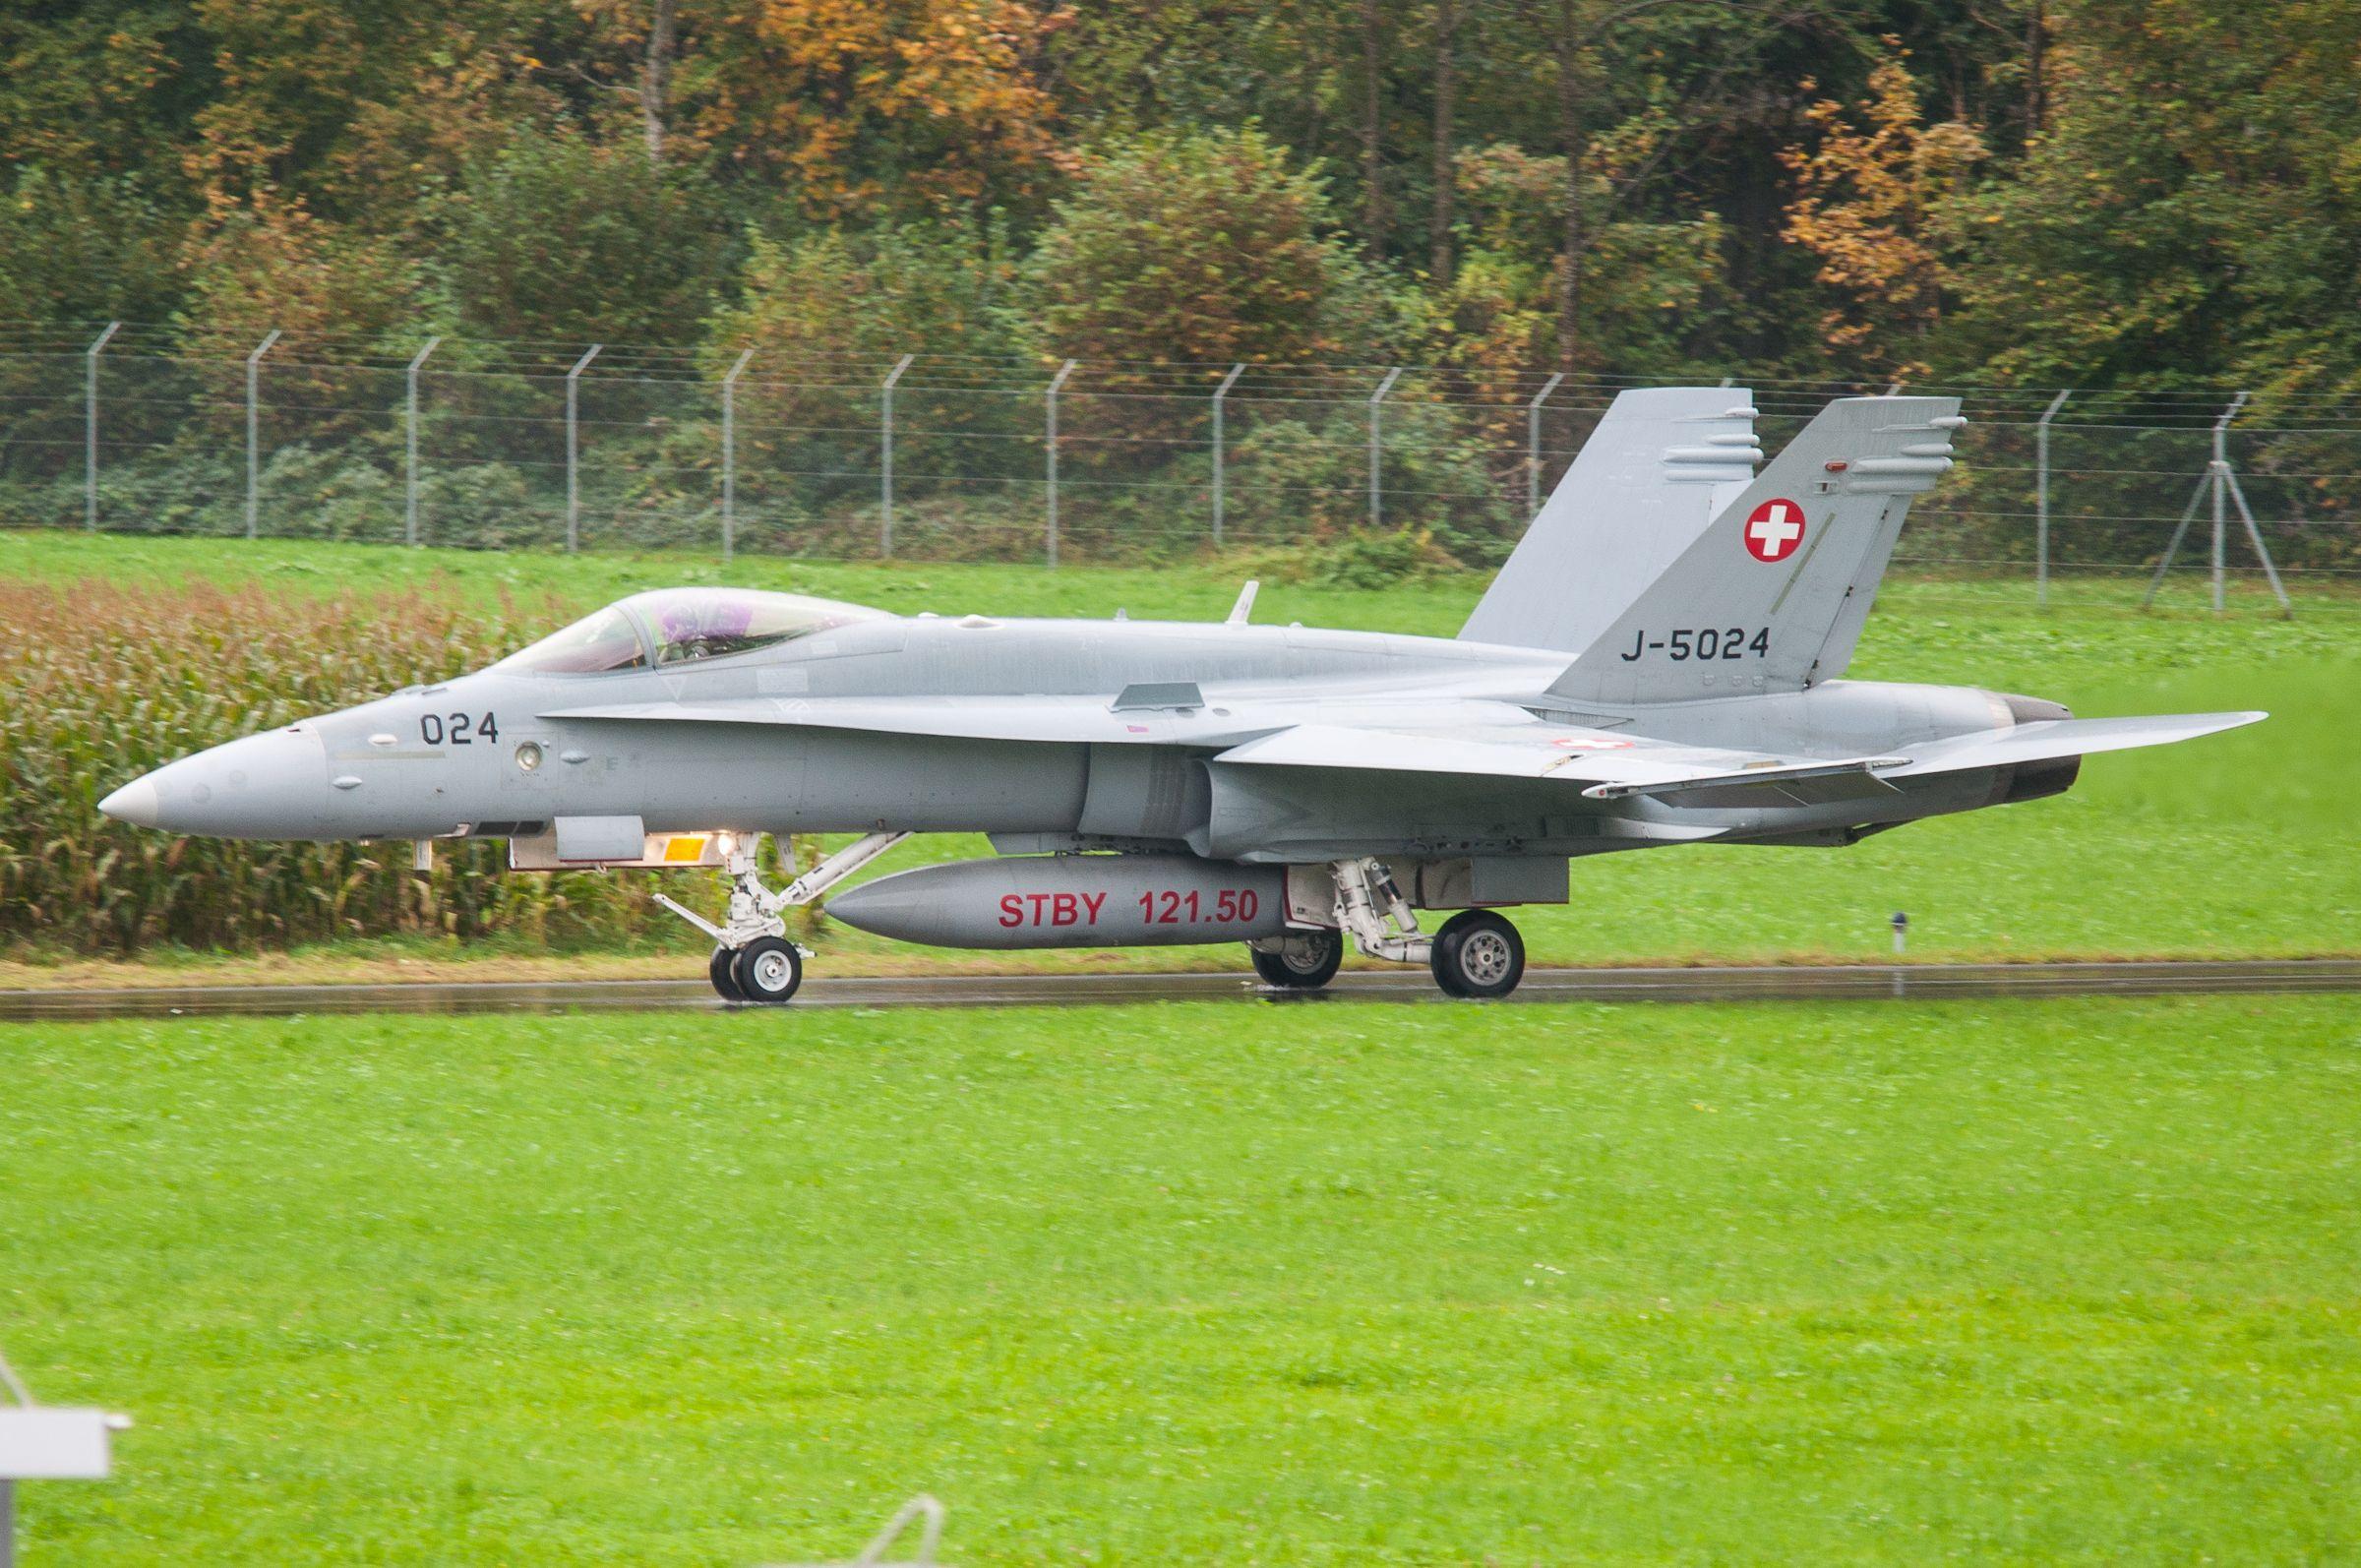 Air force live fire event Axalp 2012 - 10-11 Oct 2012 - Pagina 2 000136p